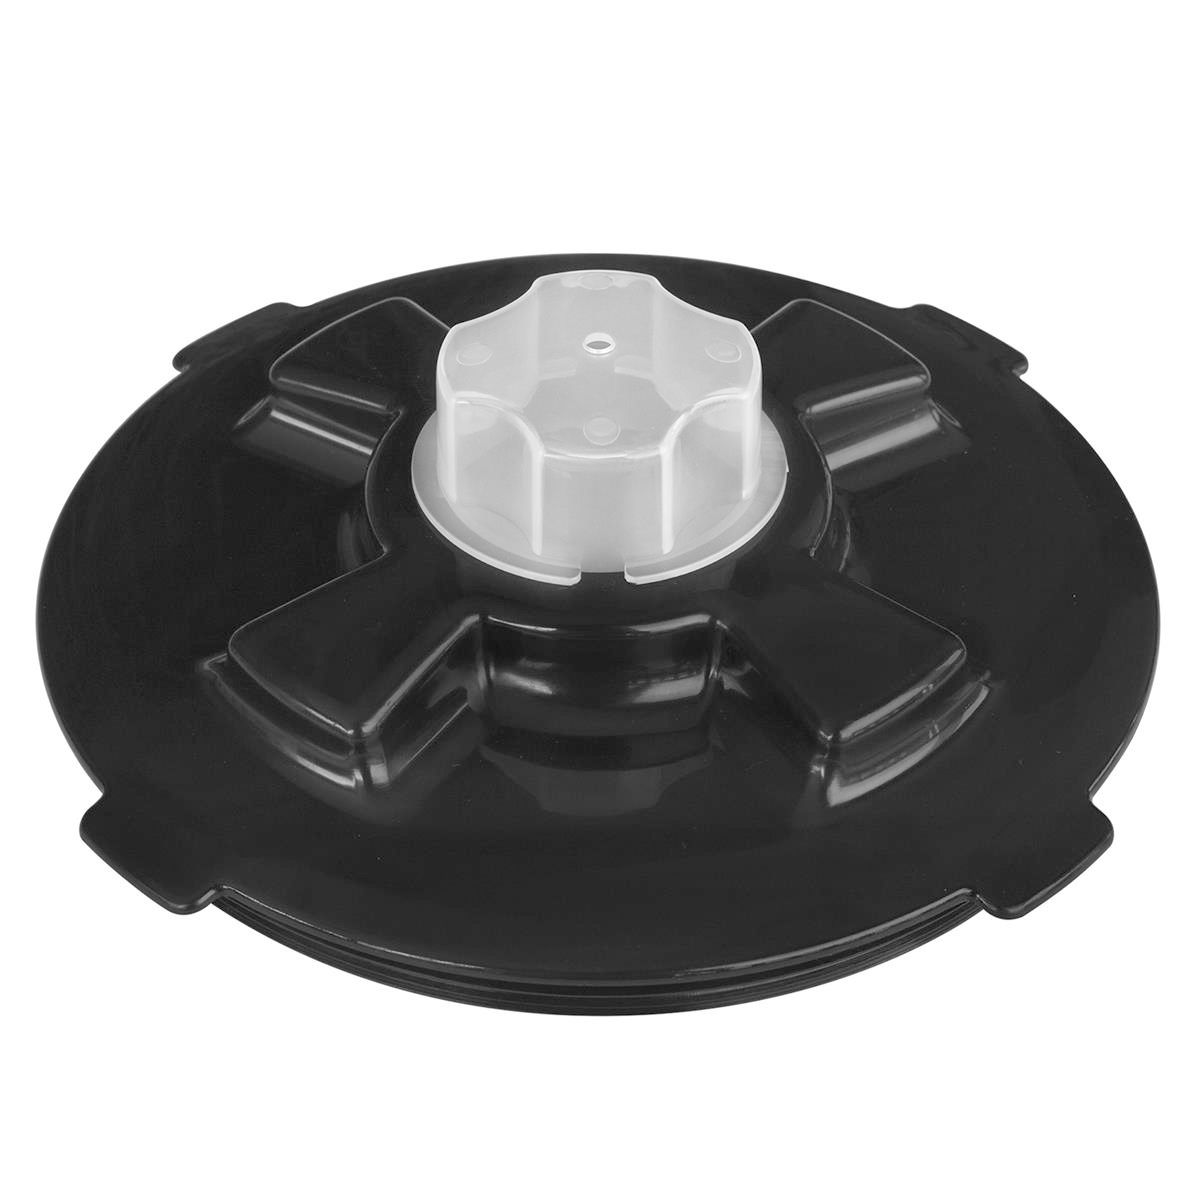 Liquidificador Industrial Spolu Attak 10 Litros Inox Baixa Rotação 220v